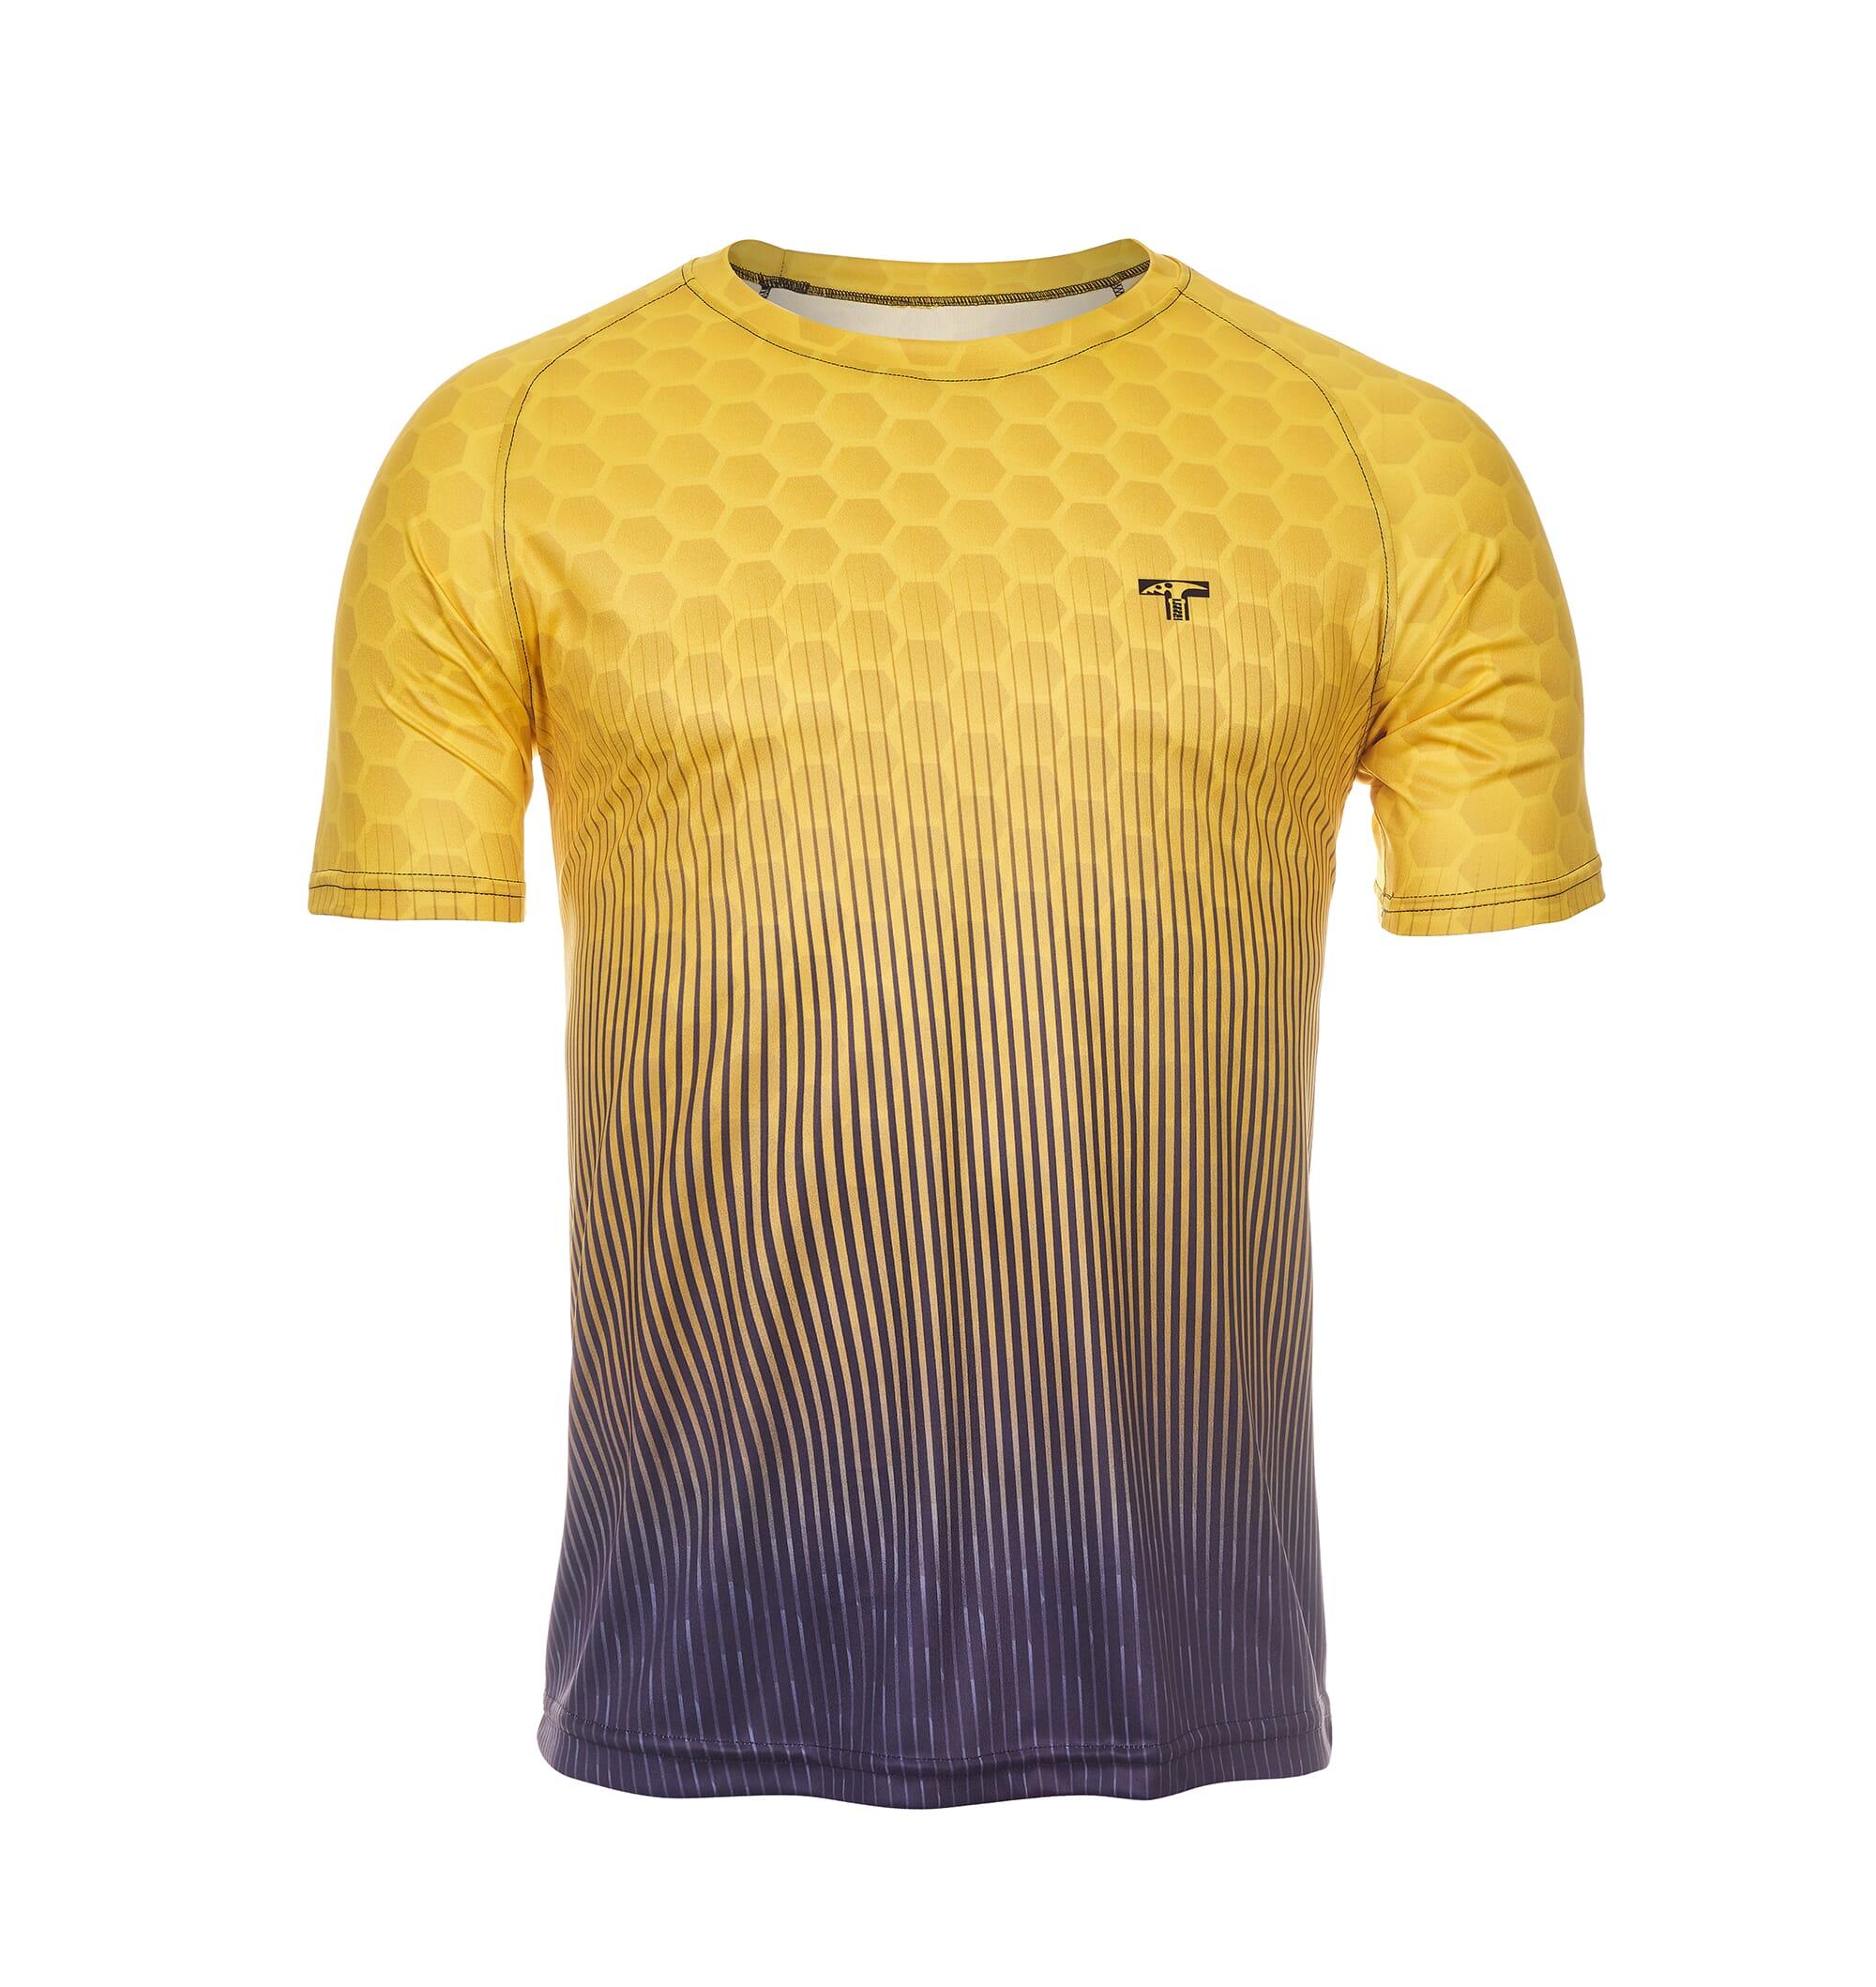 spo1129_yellow-black